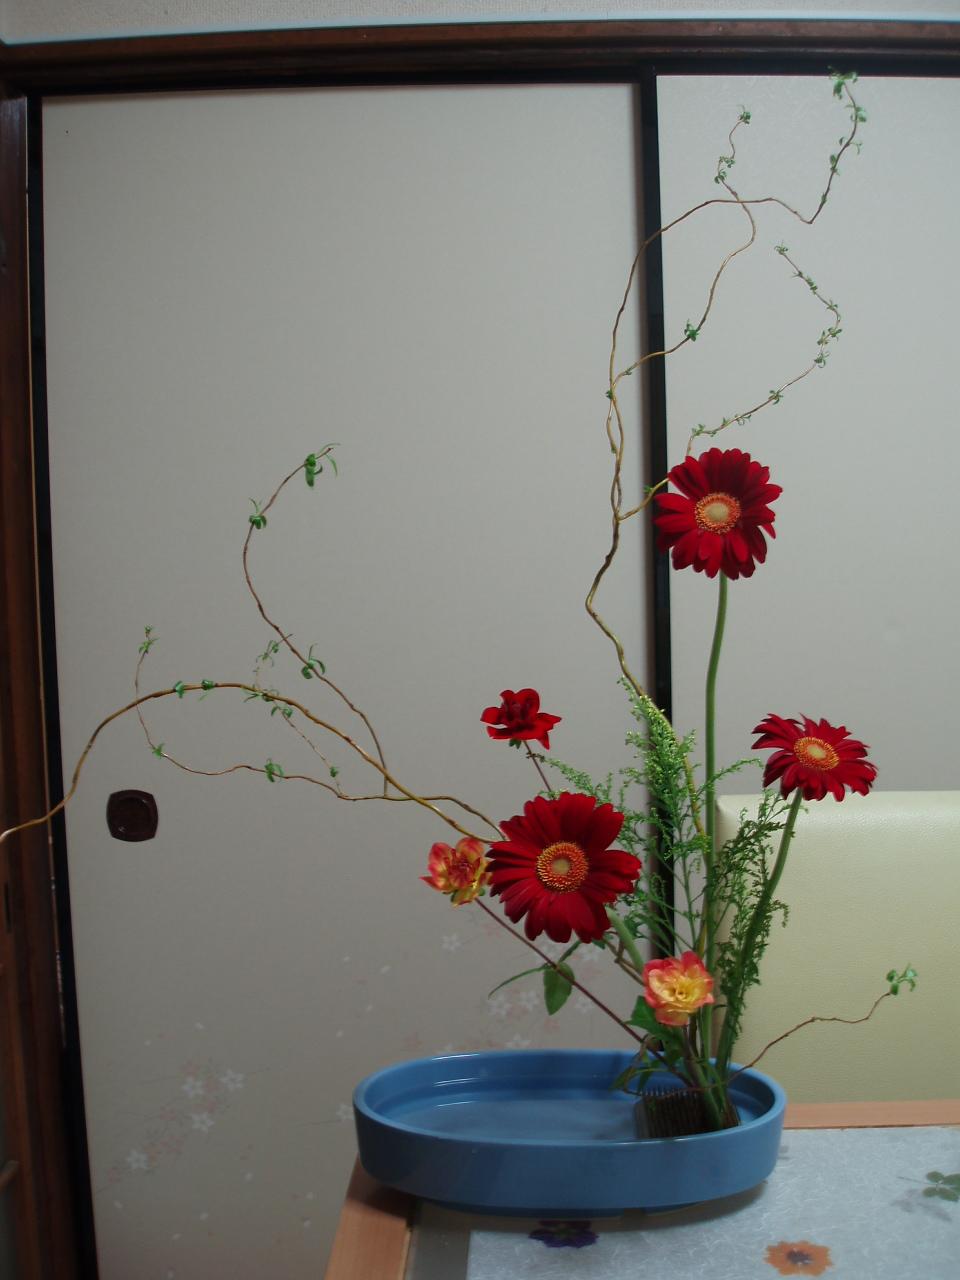 久々のお稽古花「ドラゴン柳とガーベラ」♪_b0137453_10234157.jpg